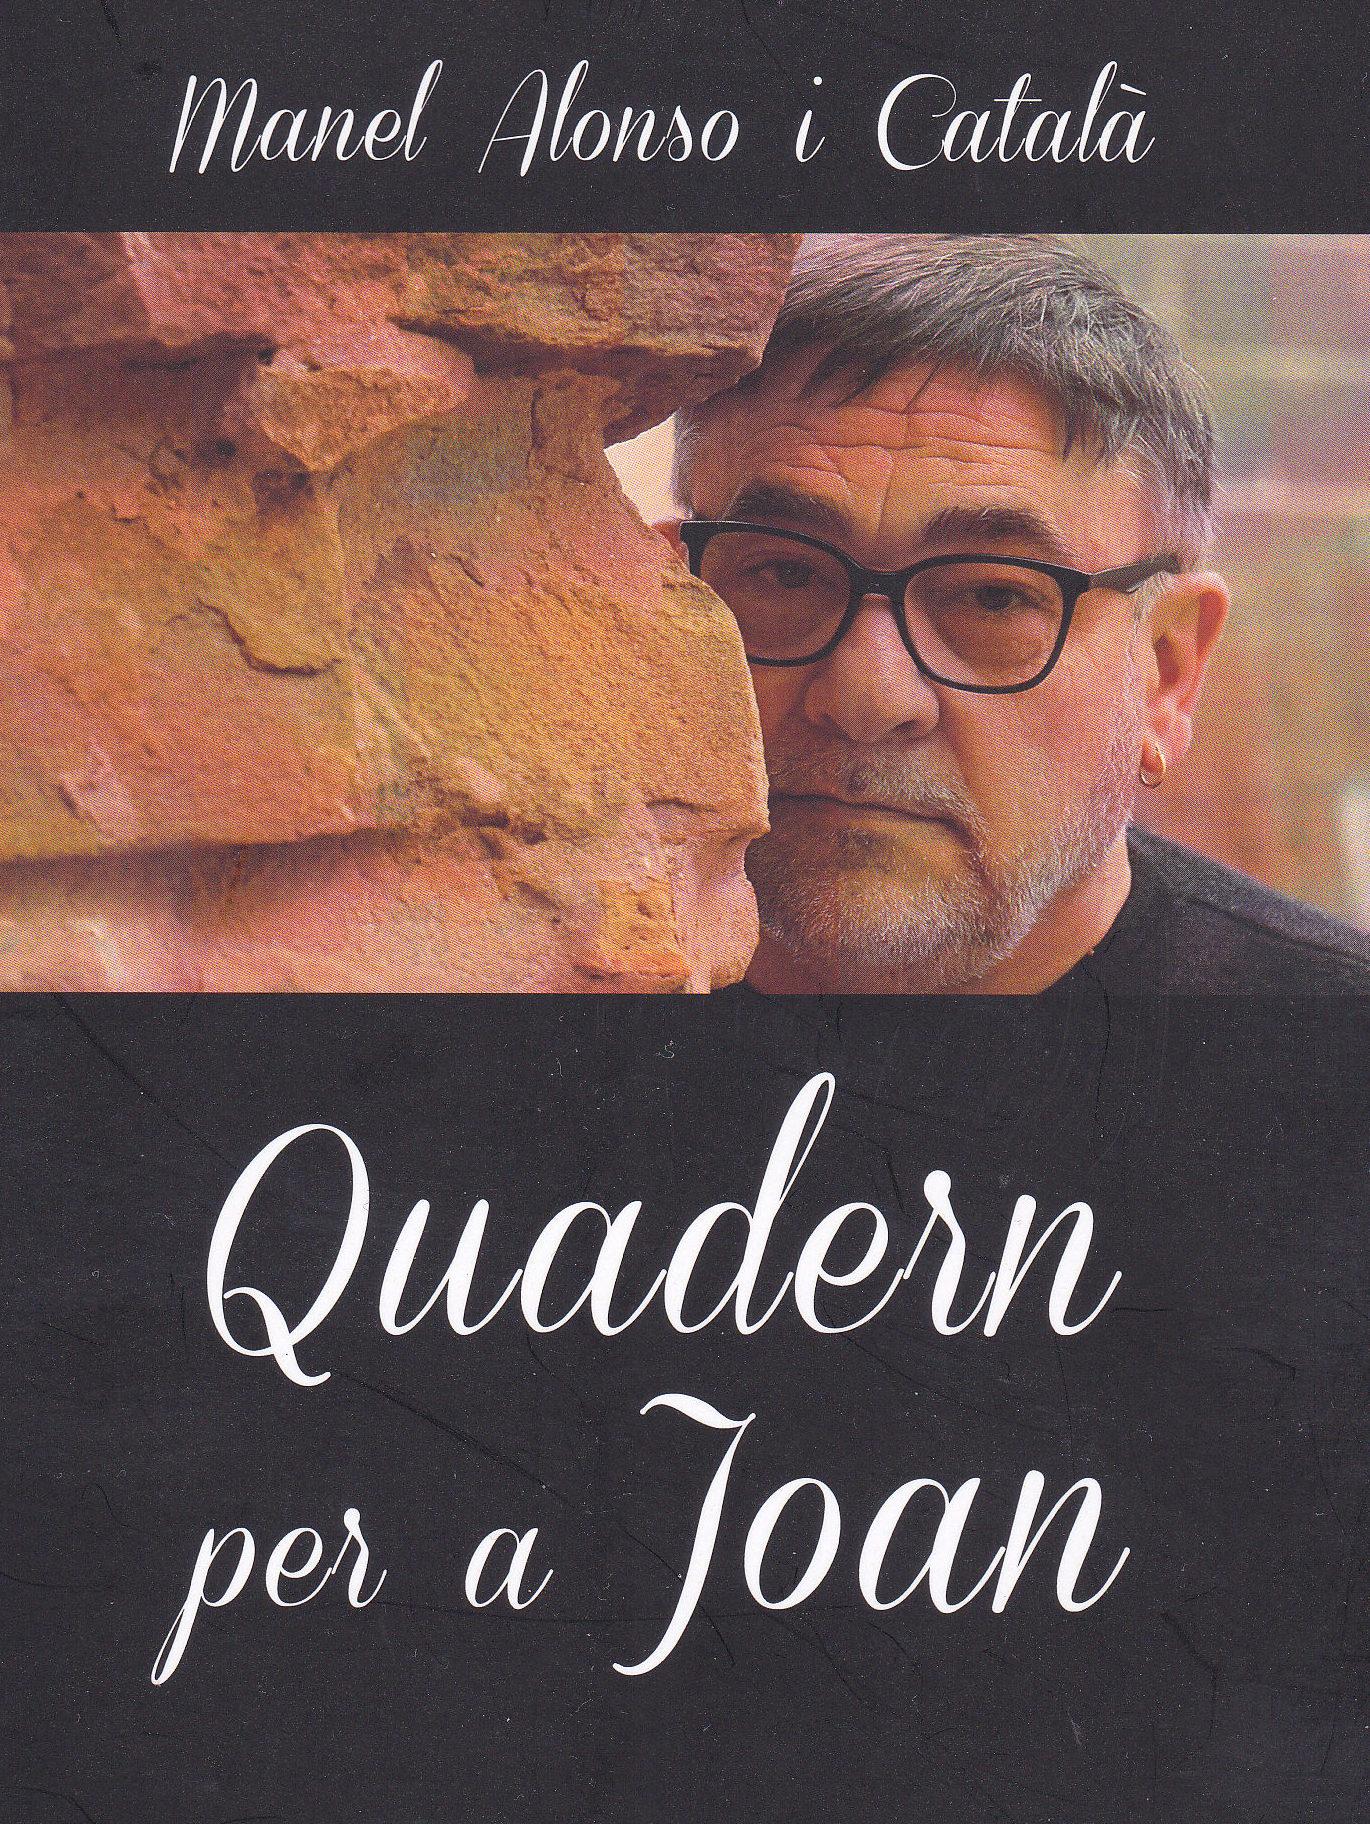 Quadern per a Joan Manel Alonso i Català vicent nacher ferrero la veu d'algemesi